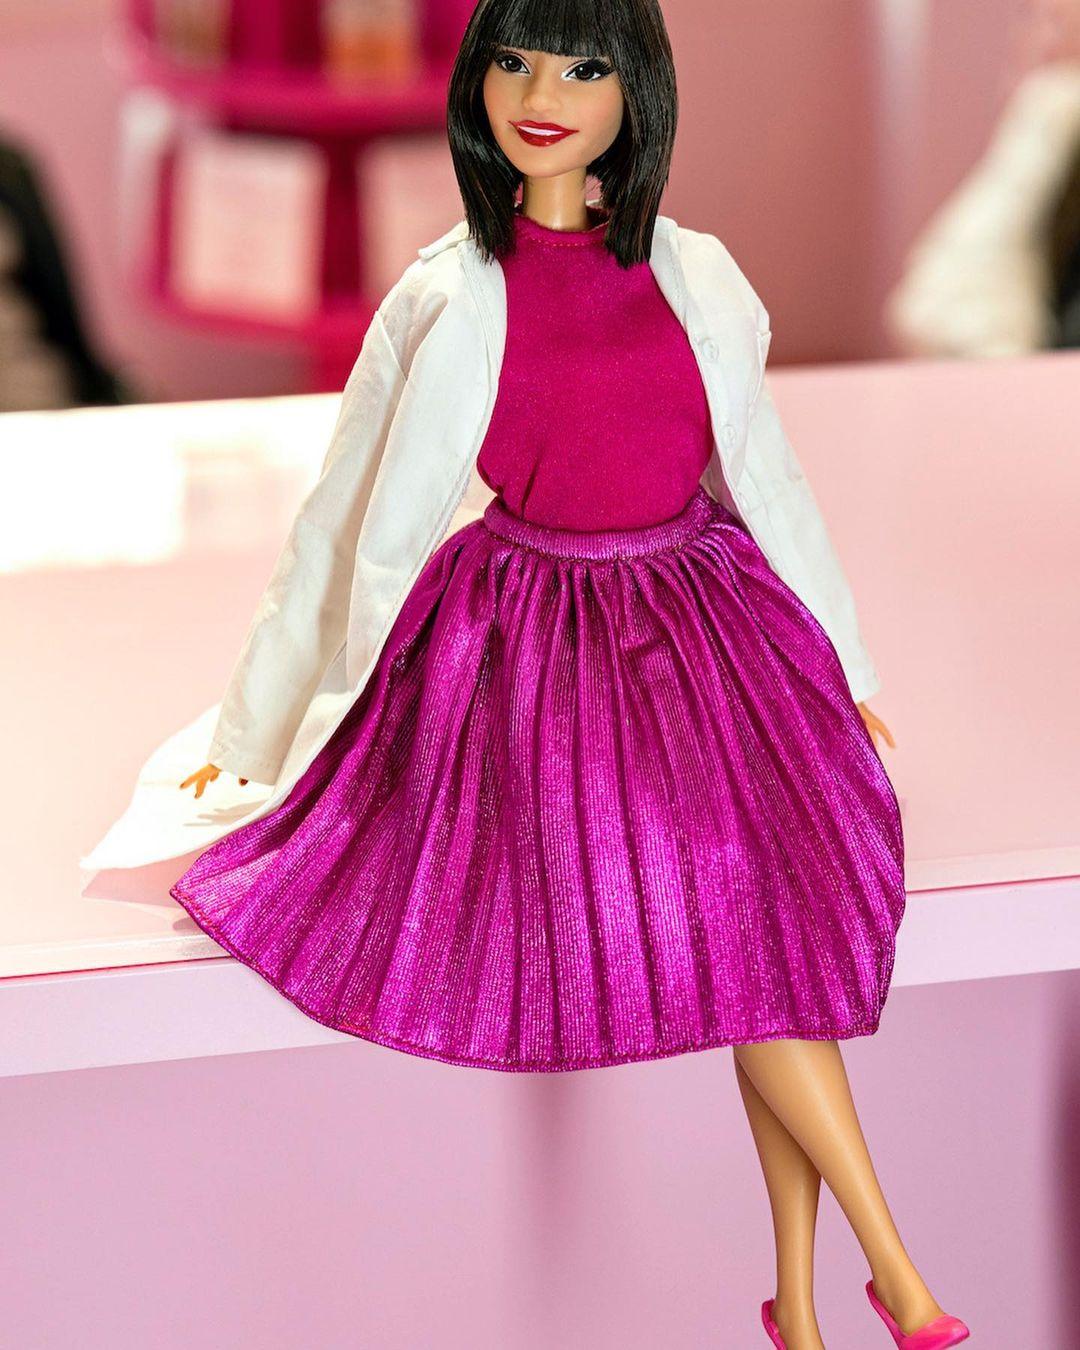 estetista cinica la barbie